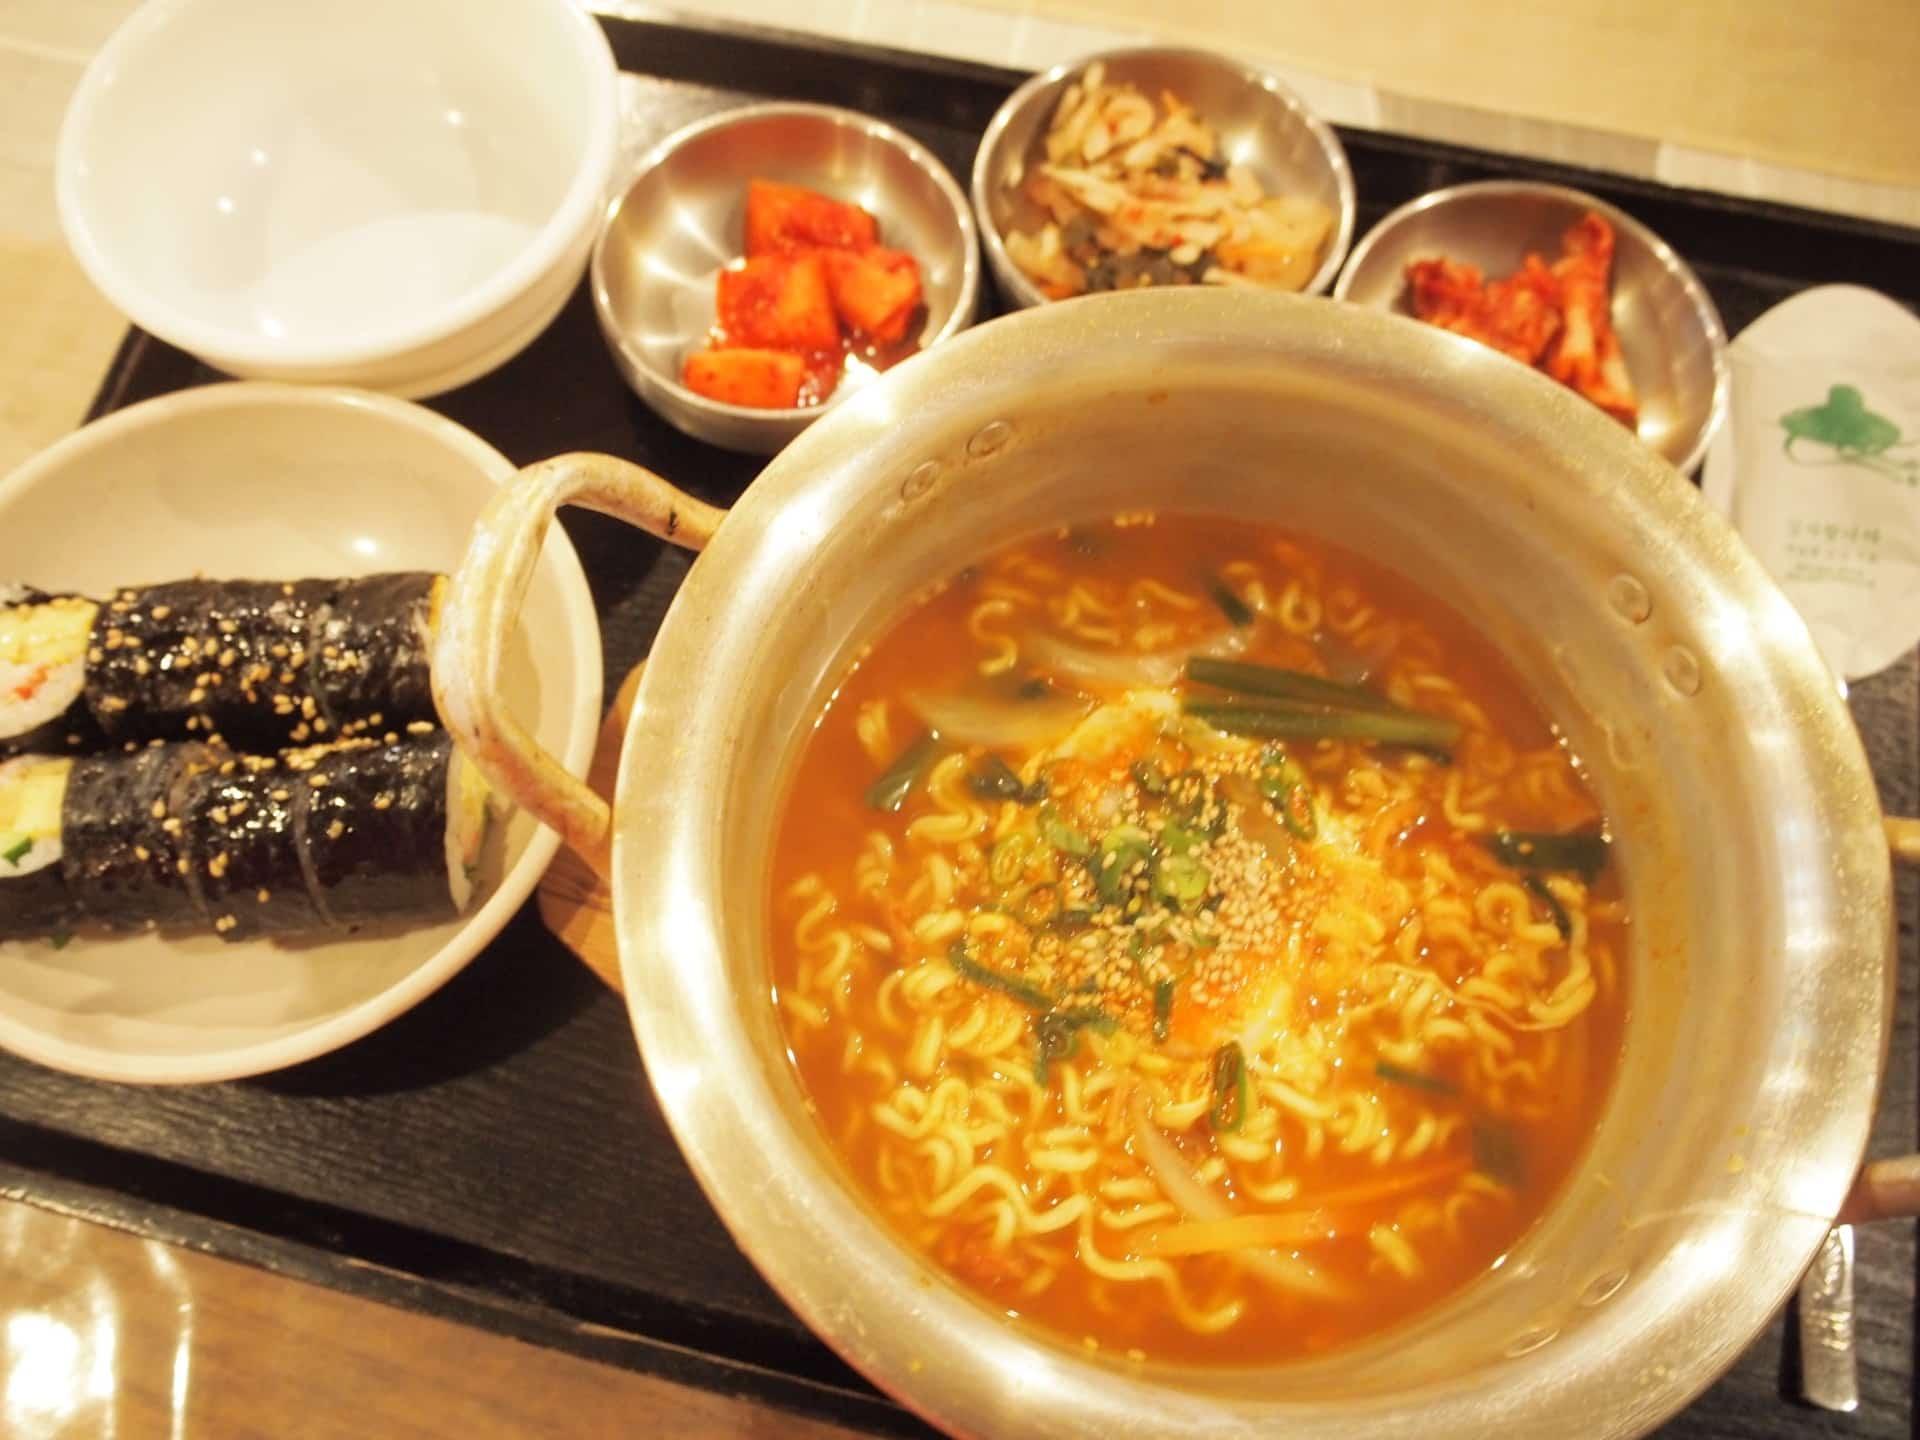 班家食工房 − 鶴橋コリアンタウンで韓国料理ランチ。安いのに美味でリピ必至